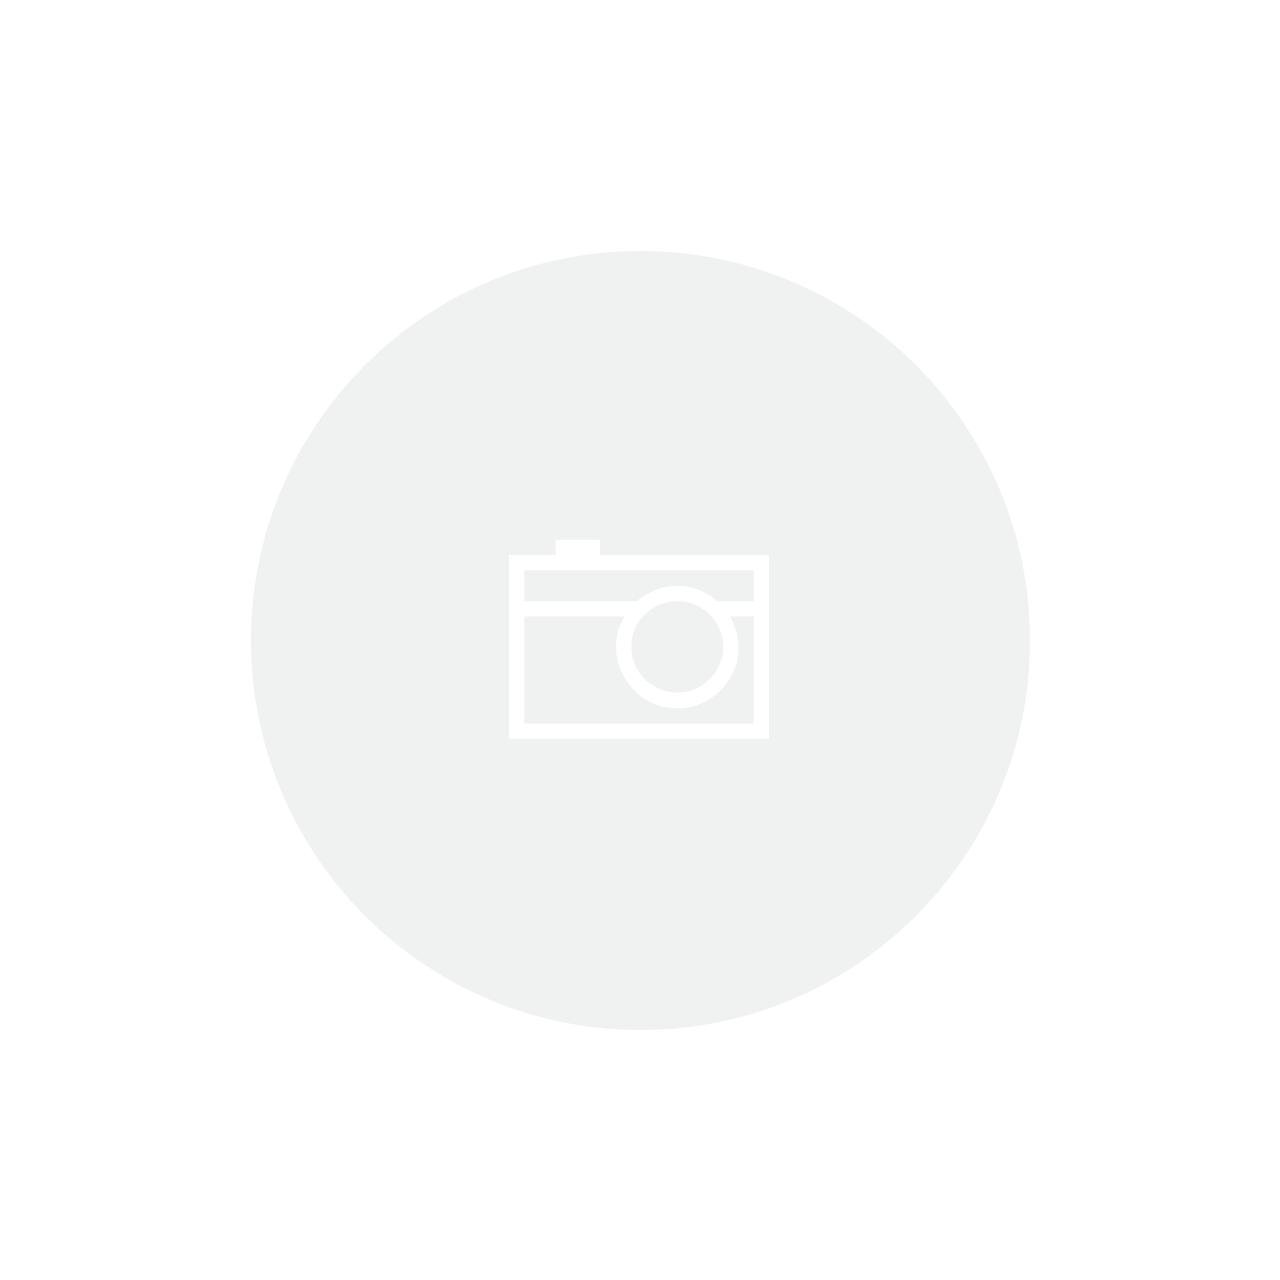 Ref - 35044 - Sapatilha linda com rosinha e galho delicado em couro de cabra